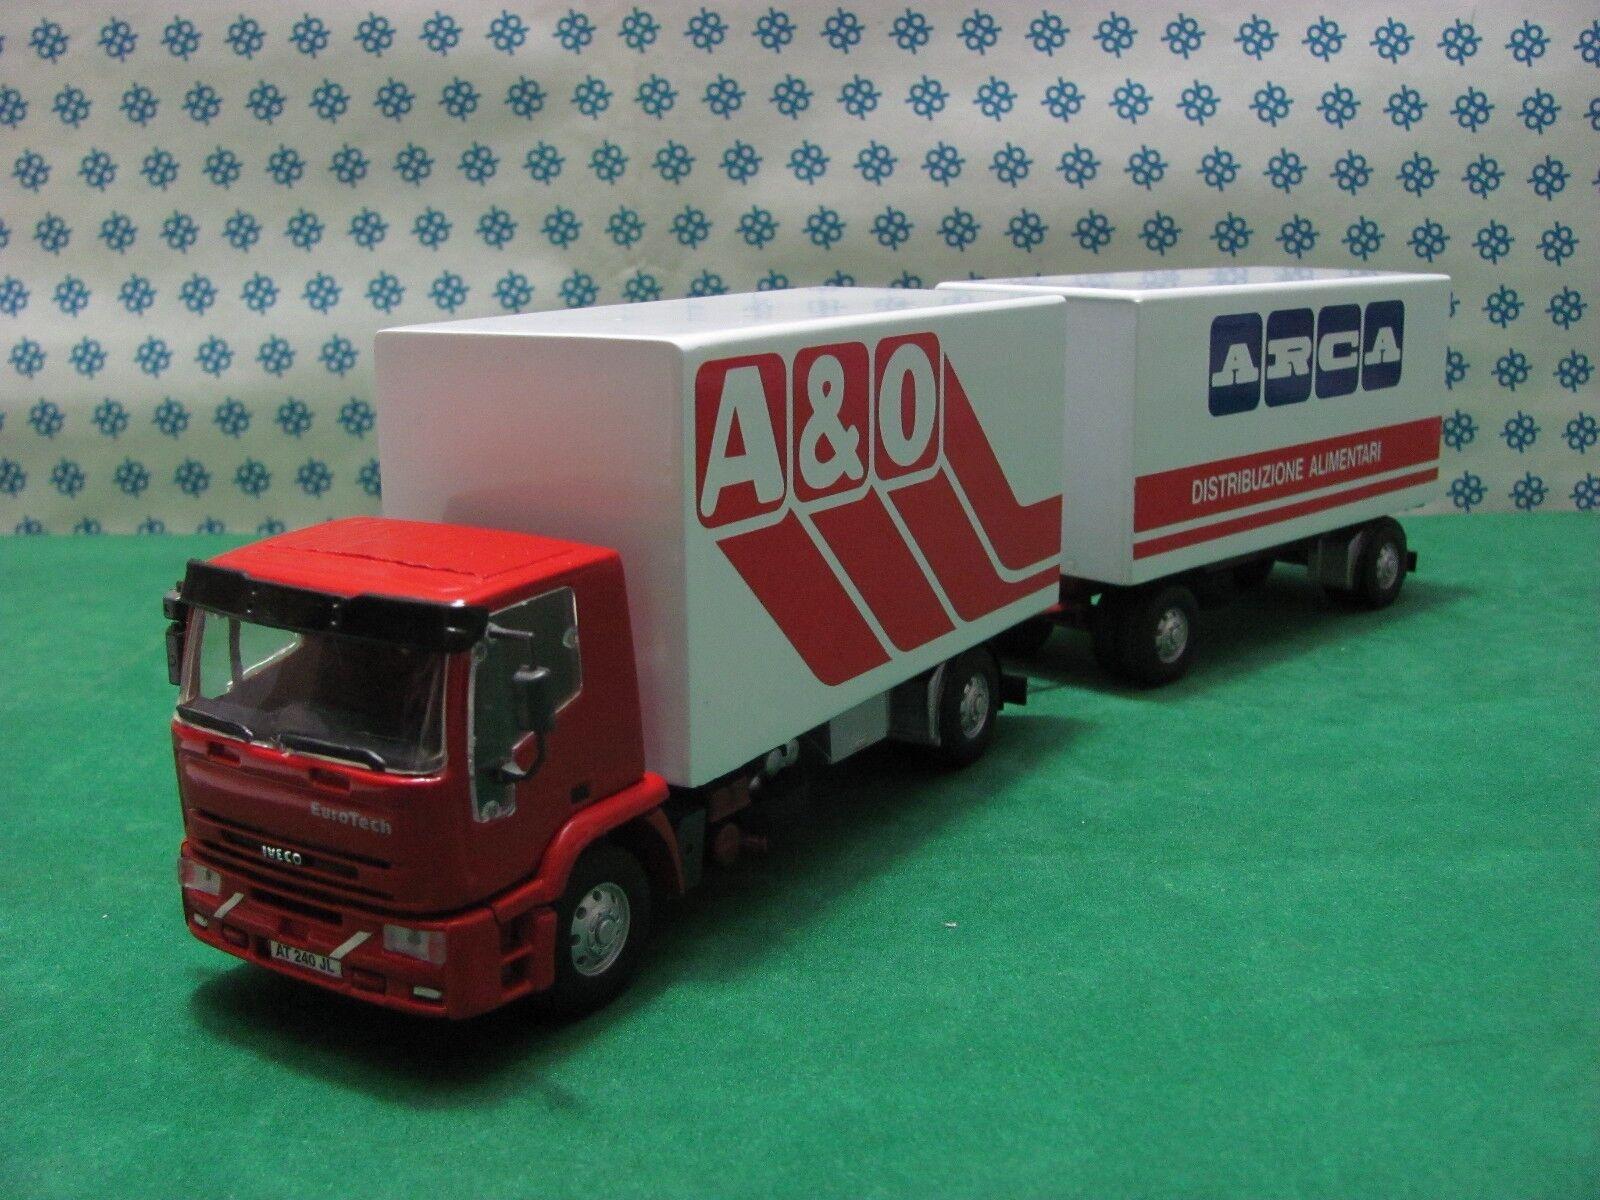 Camion Iveco Eurossoech Remorque Van A&o Arca - 1 43 Old Voitures   Gila Modèles